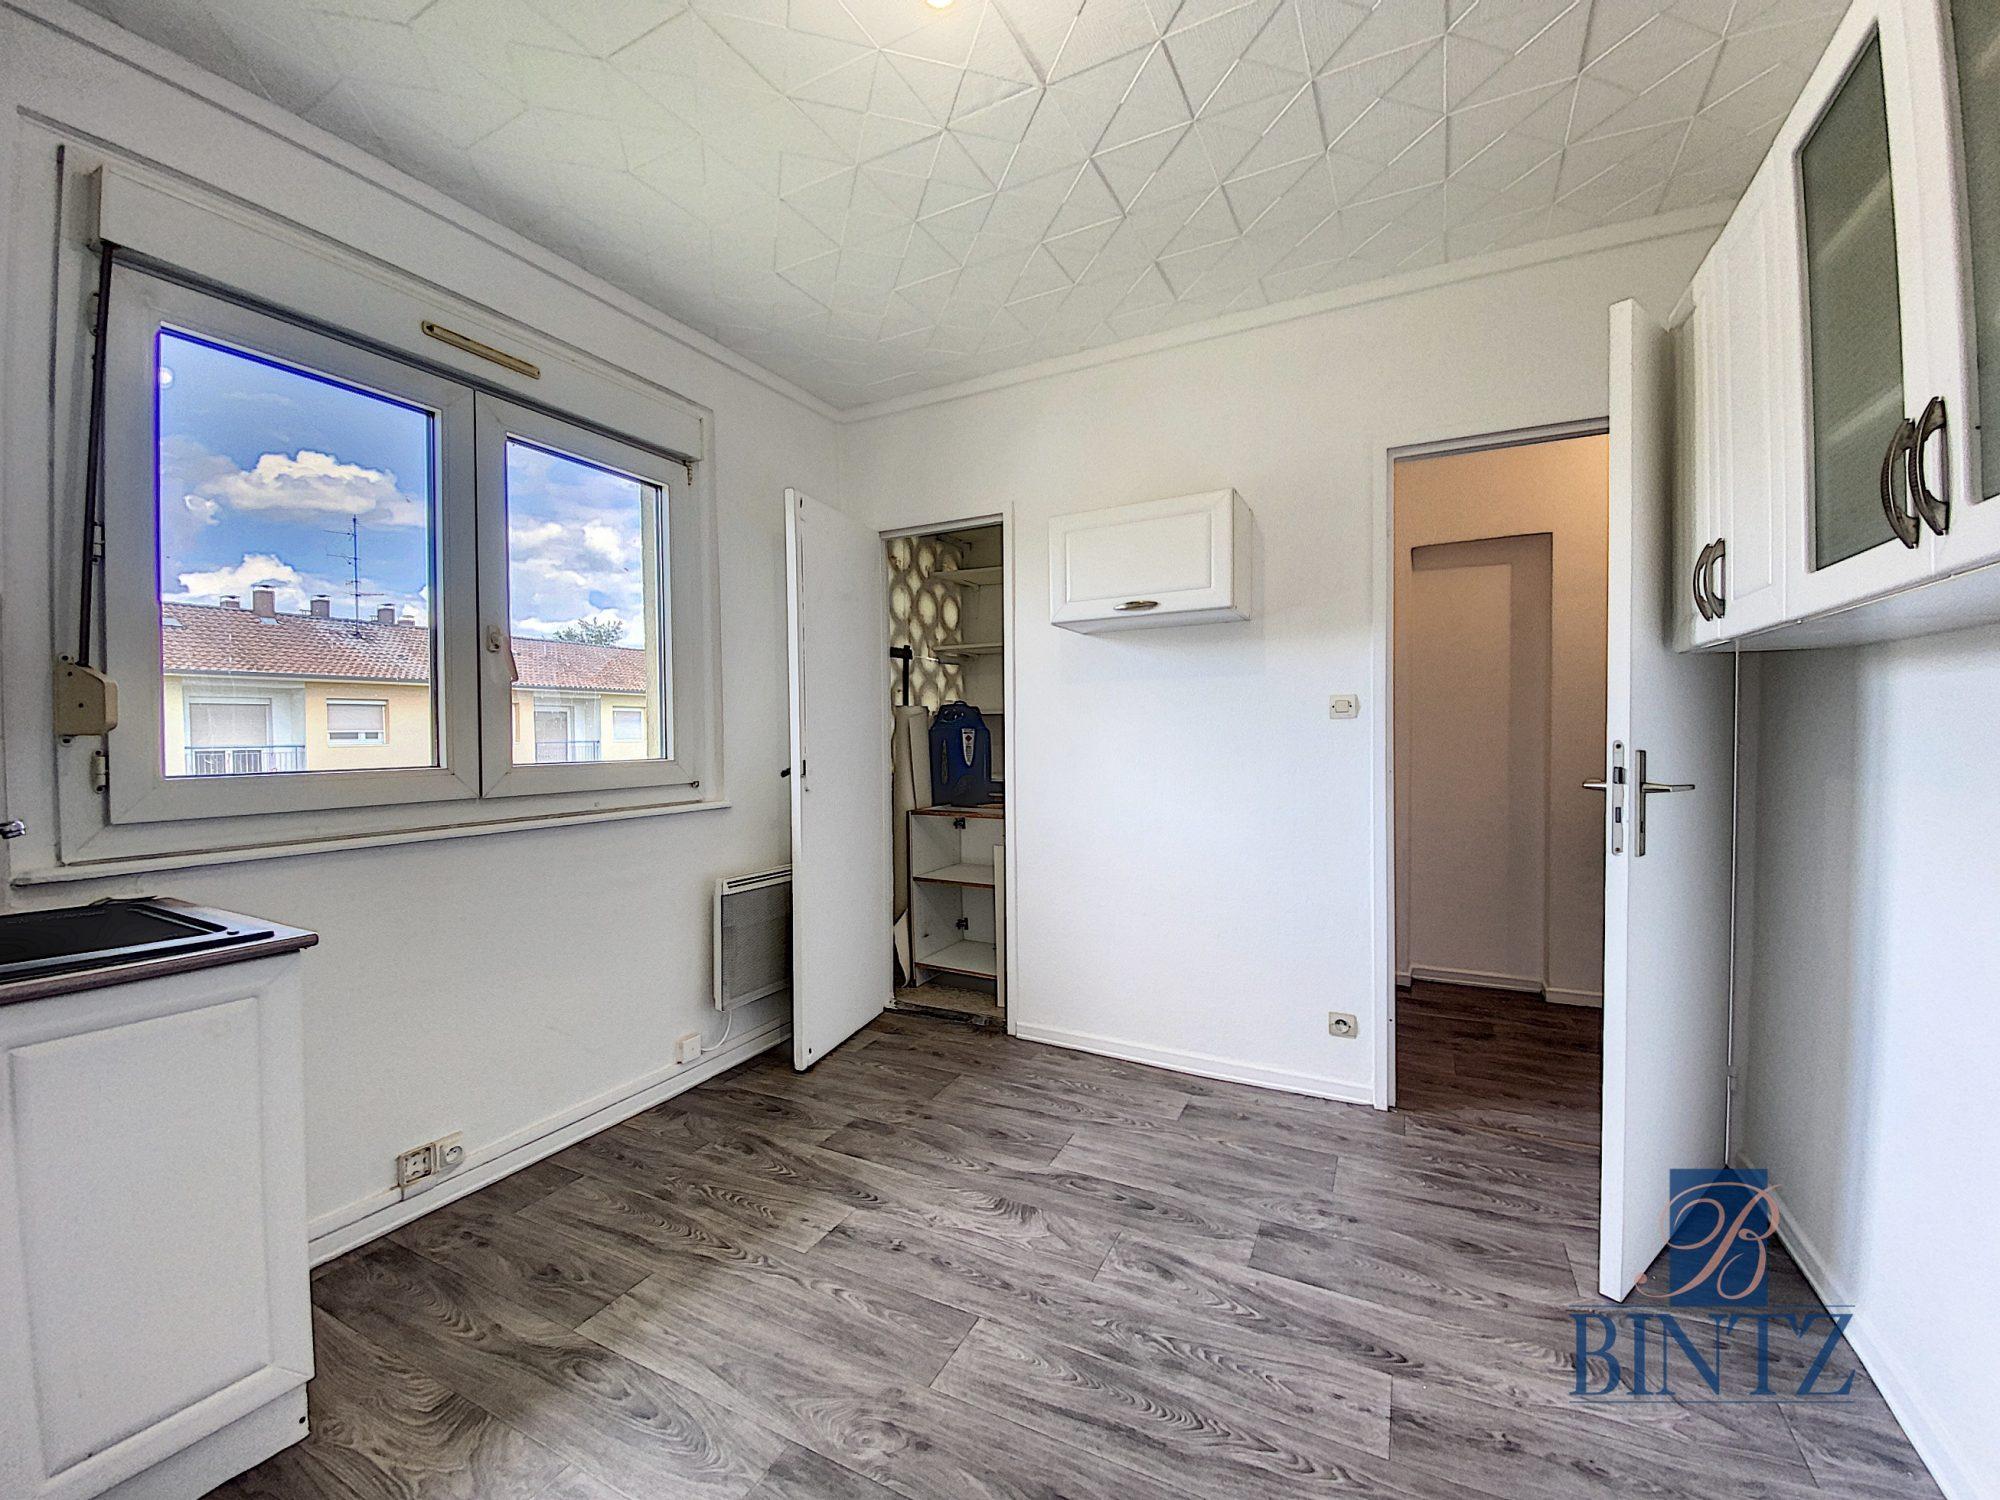 4P MUSAU 4 RIMBACH - Devenez locataire en toute sérénité - Bintz Immobilier - 8